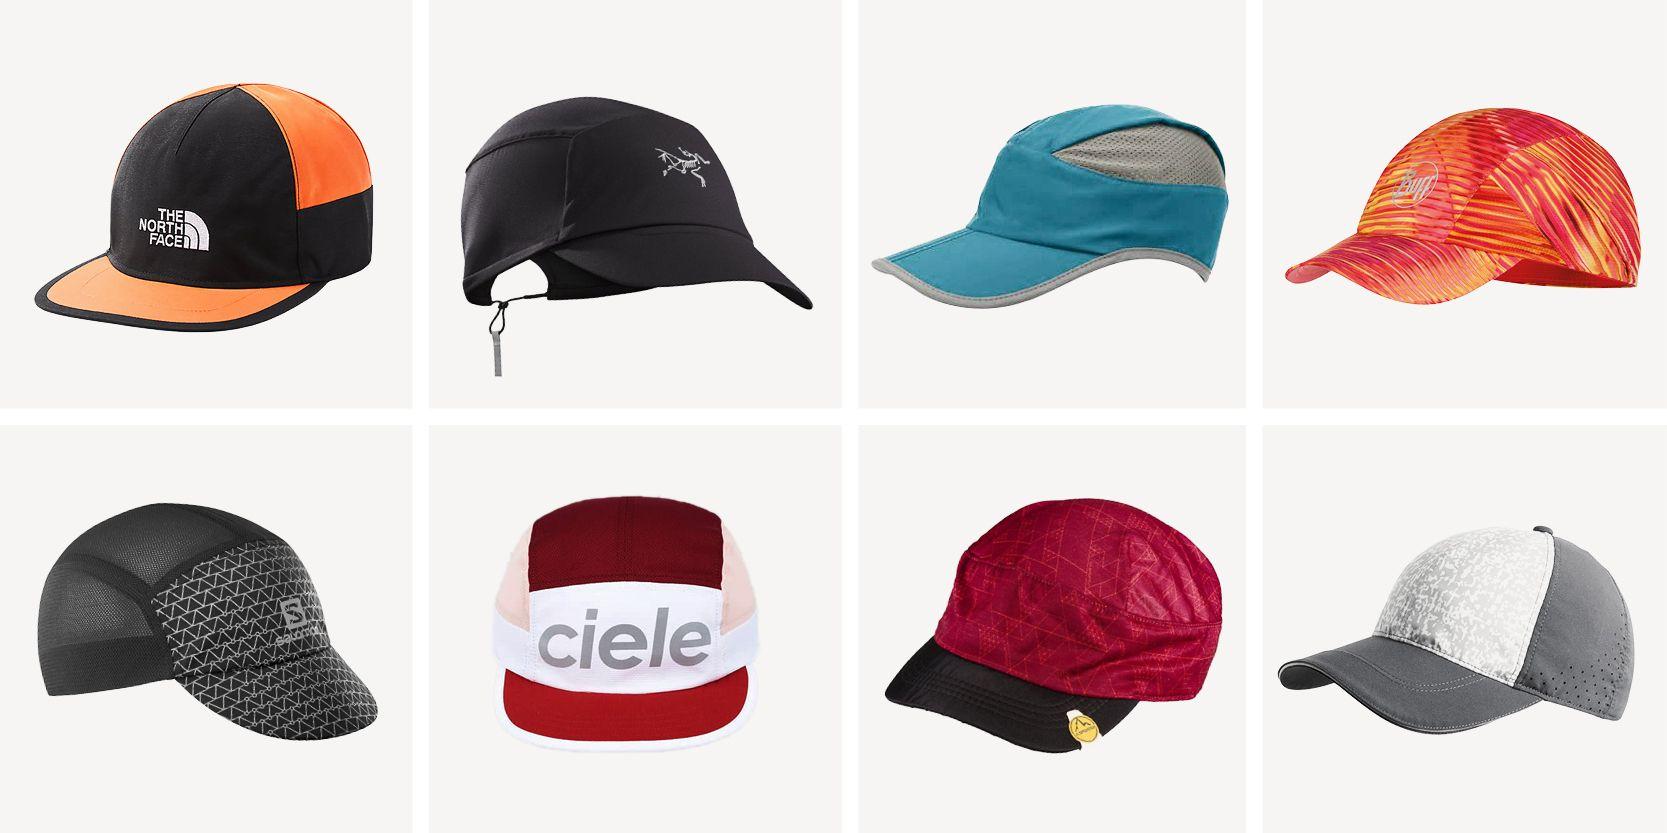 The best men's luxury hats of 2021